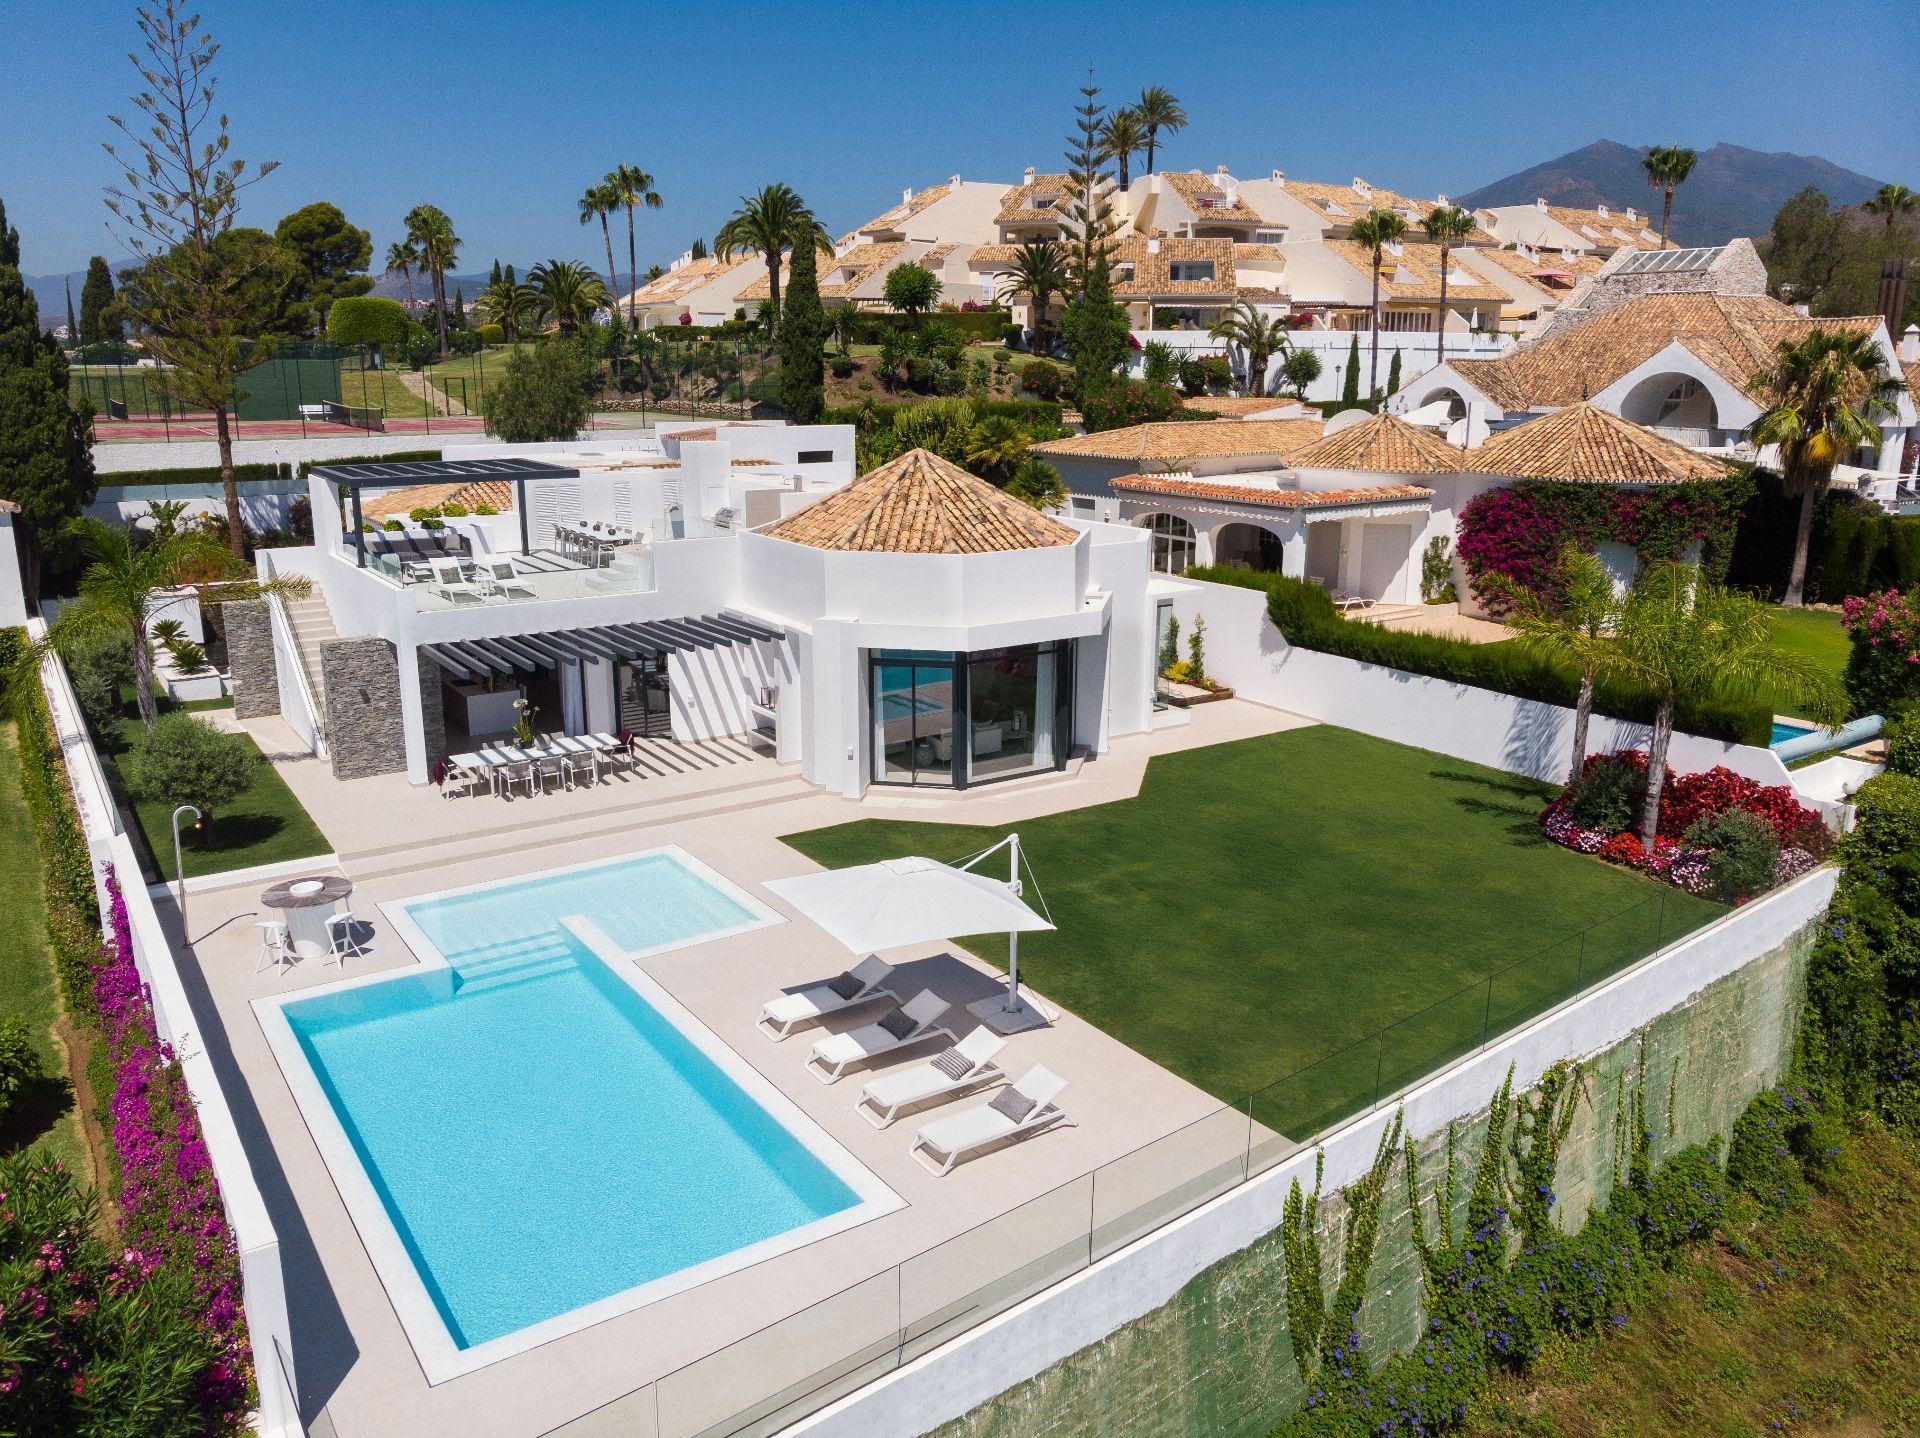 Villa de Lujo en Marbella, Nueva Andalucia, venta